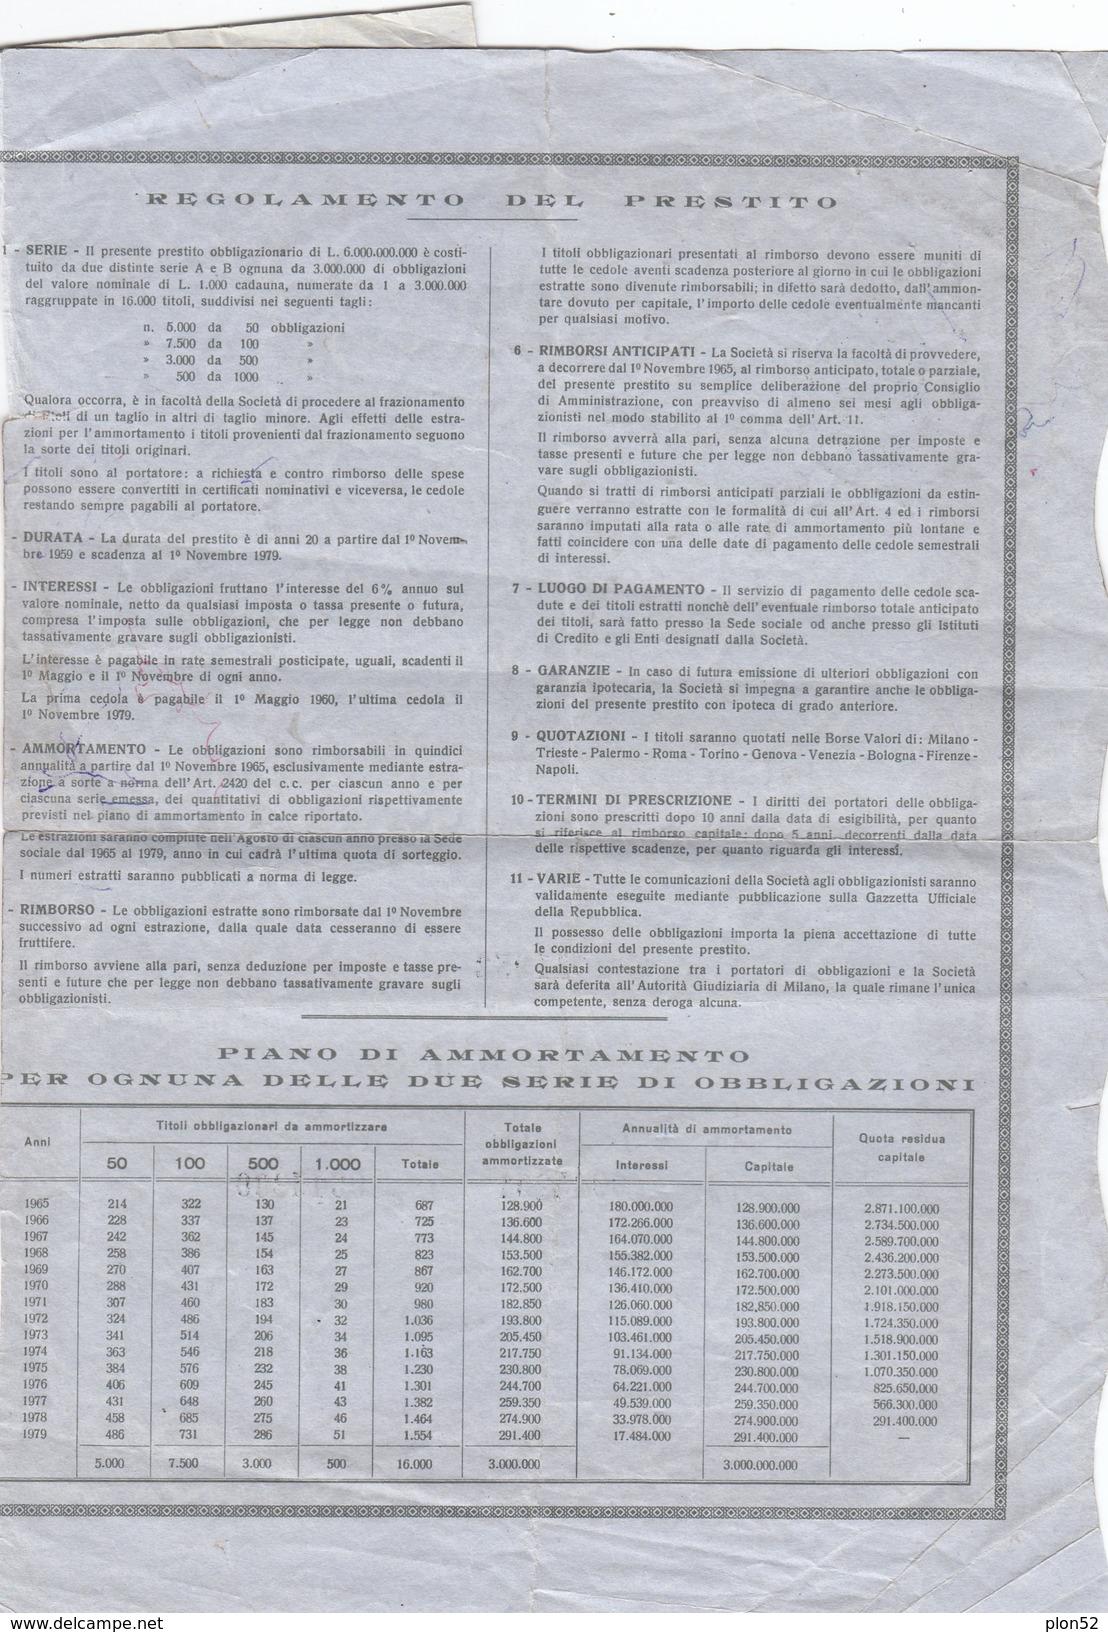 9536-LIQUIGAS-PRESTITO OBBLIGAZIONARIO - J - L